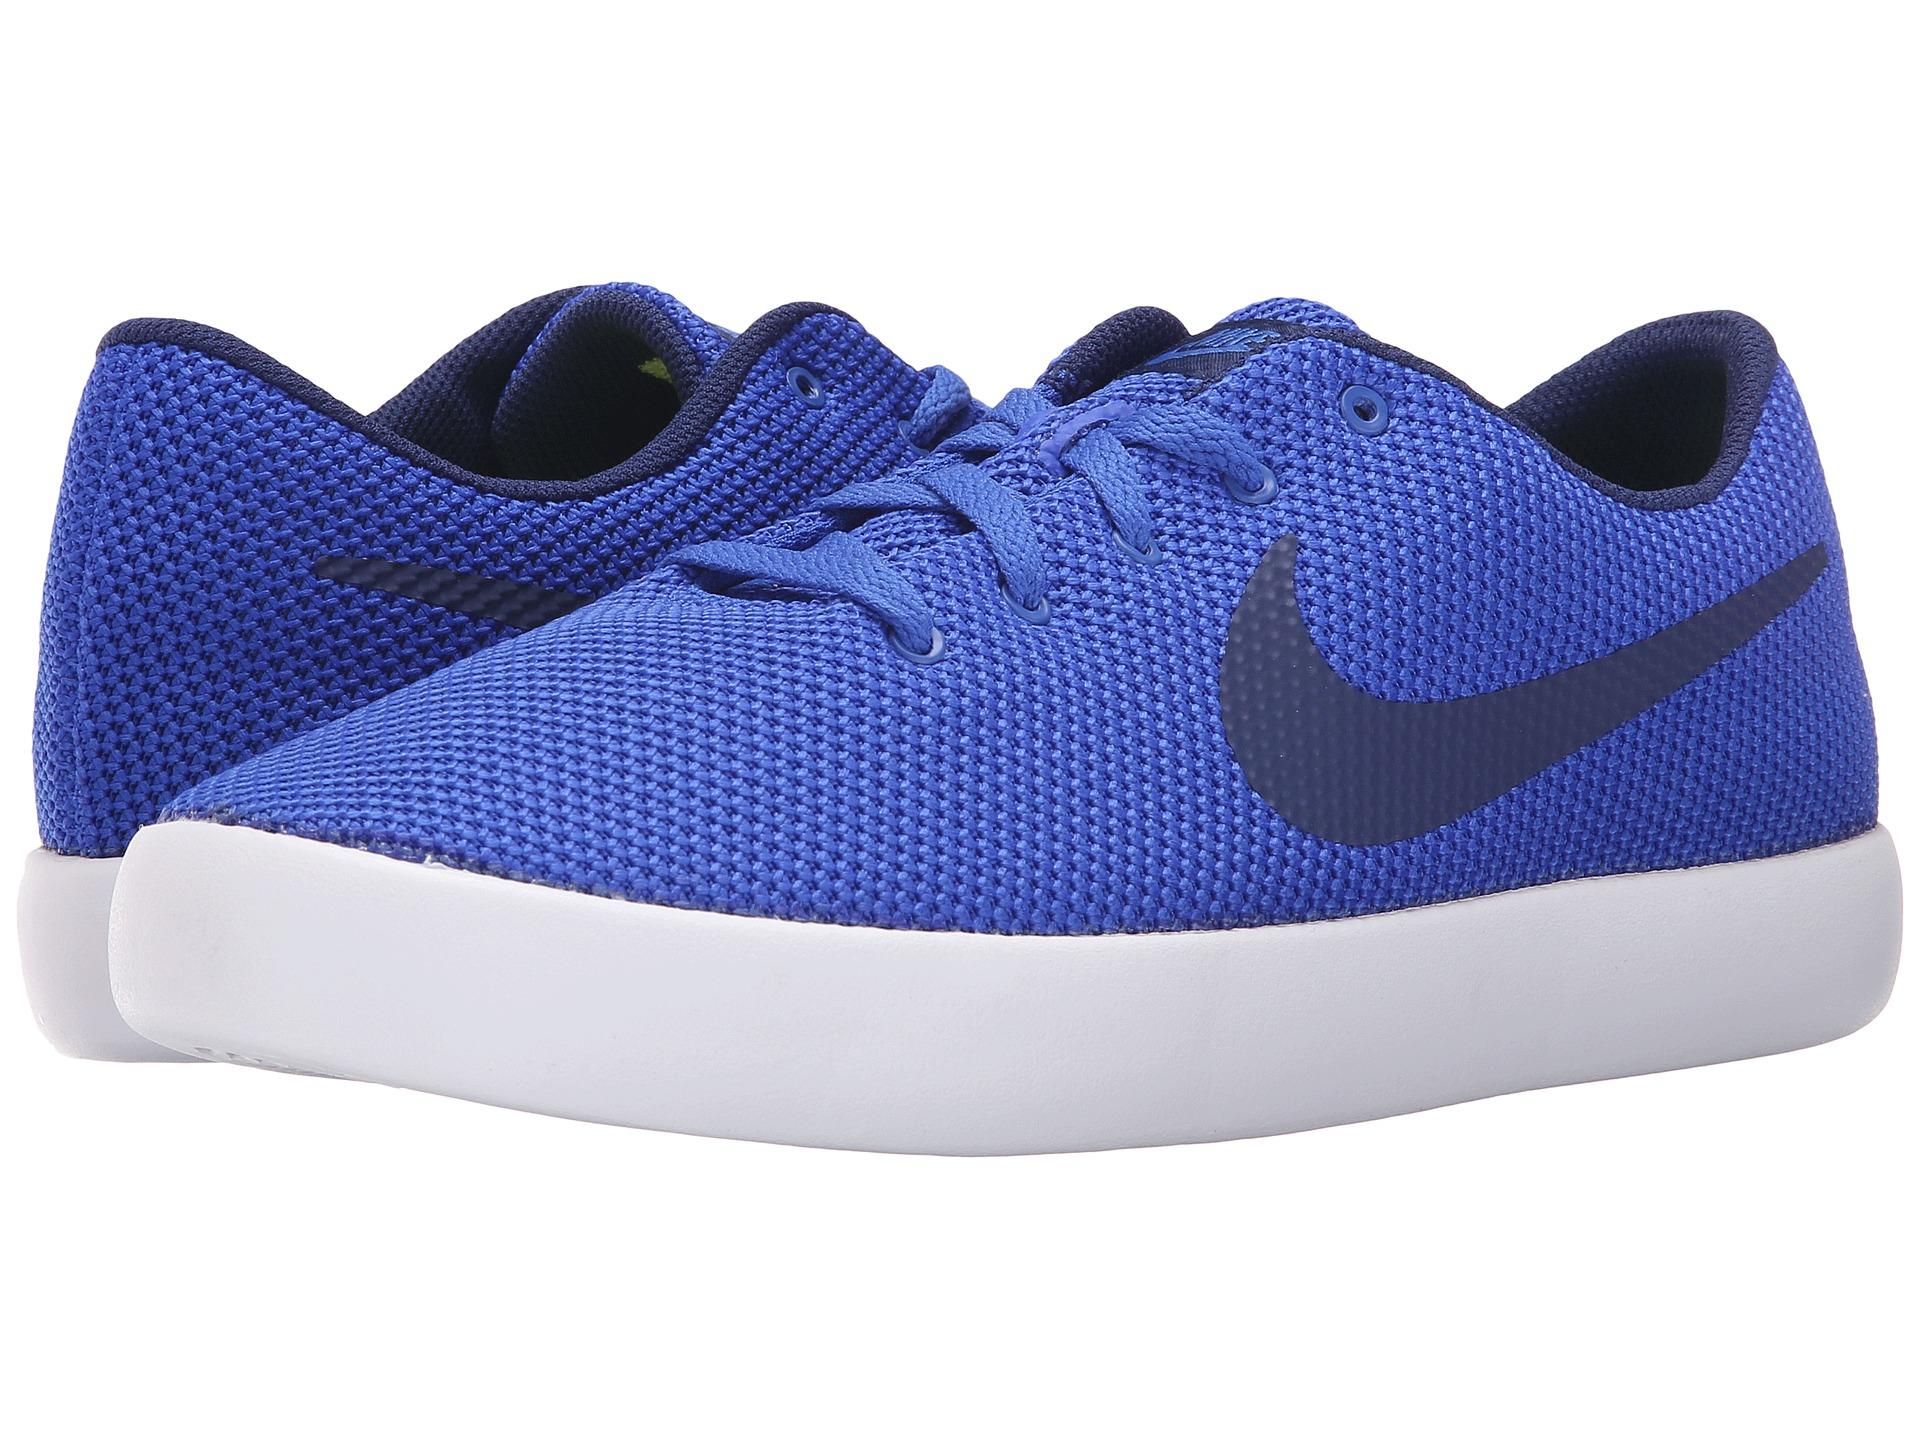 34cd91a5da78 Lyst - Nike Essentialist in Blue for Men